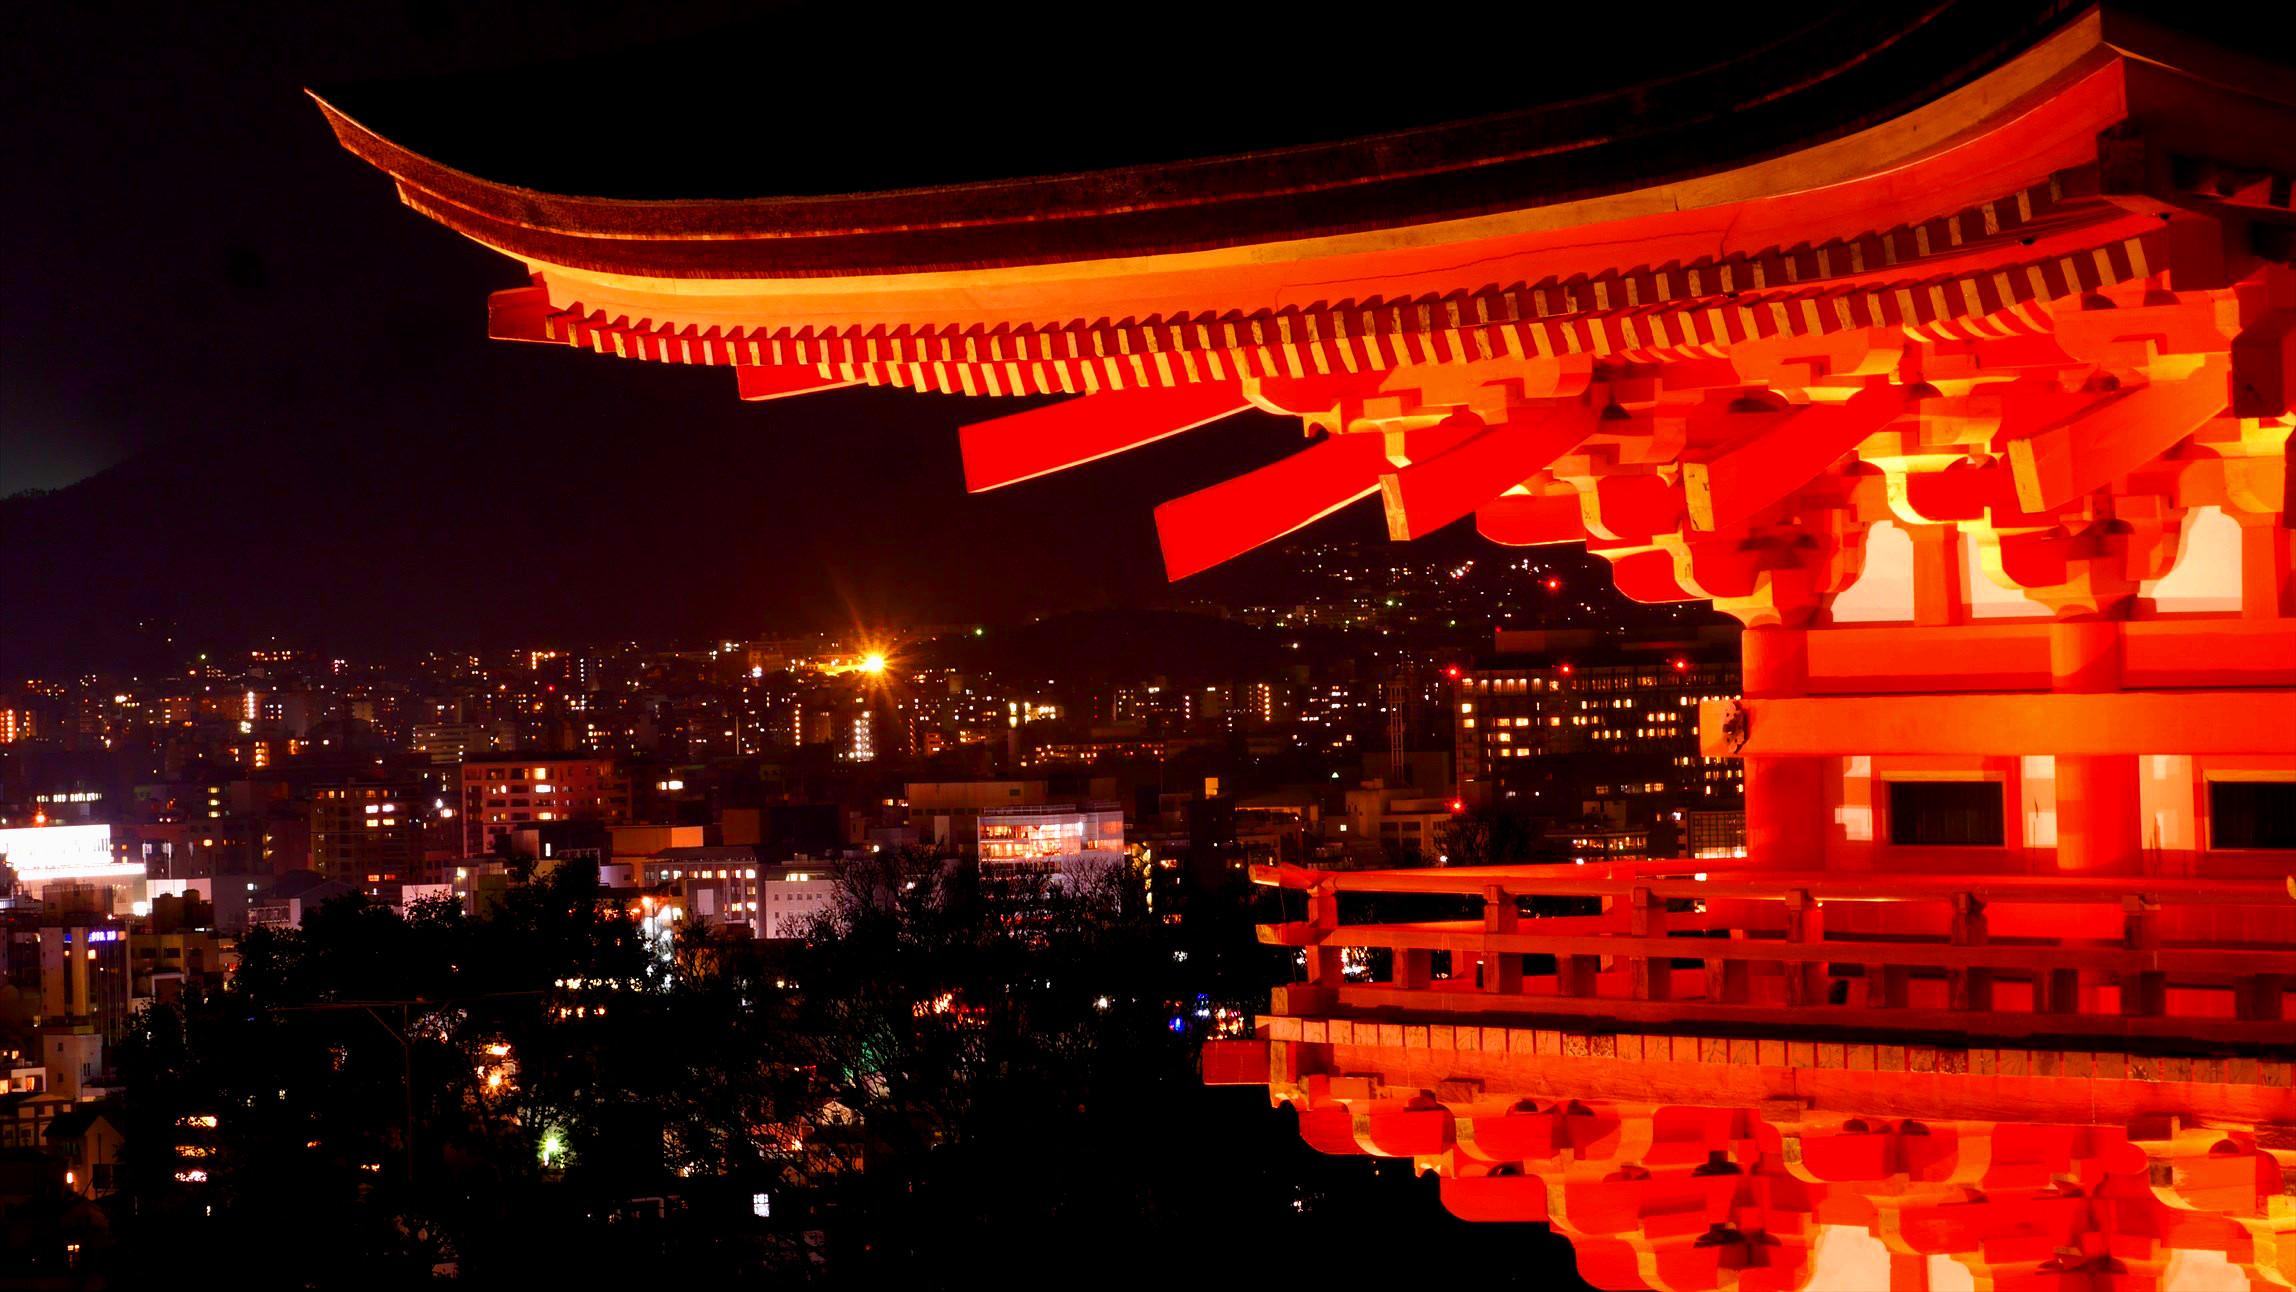 京都の定番 清水寺 秋のライトアップが綺麗だった